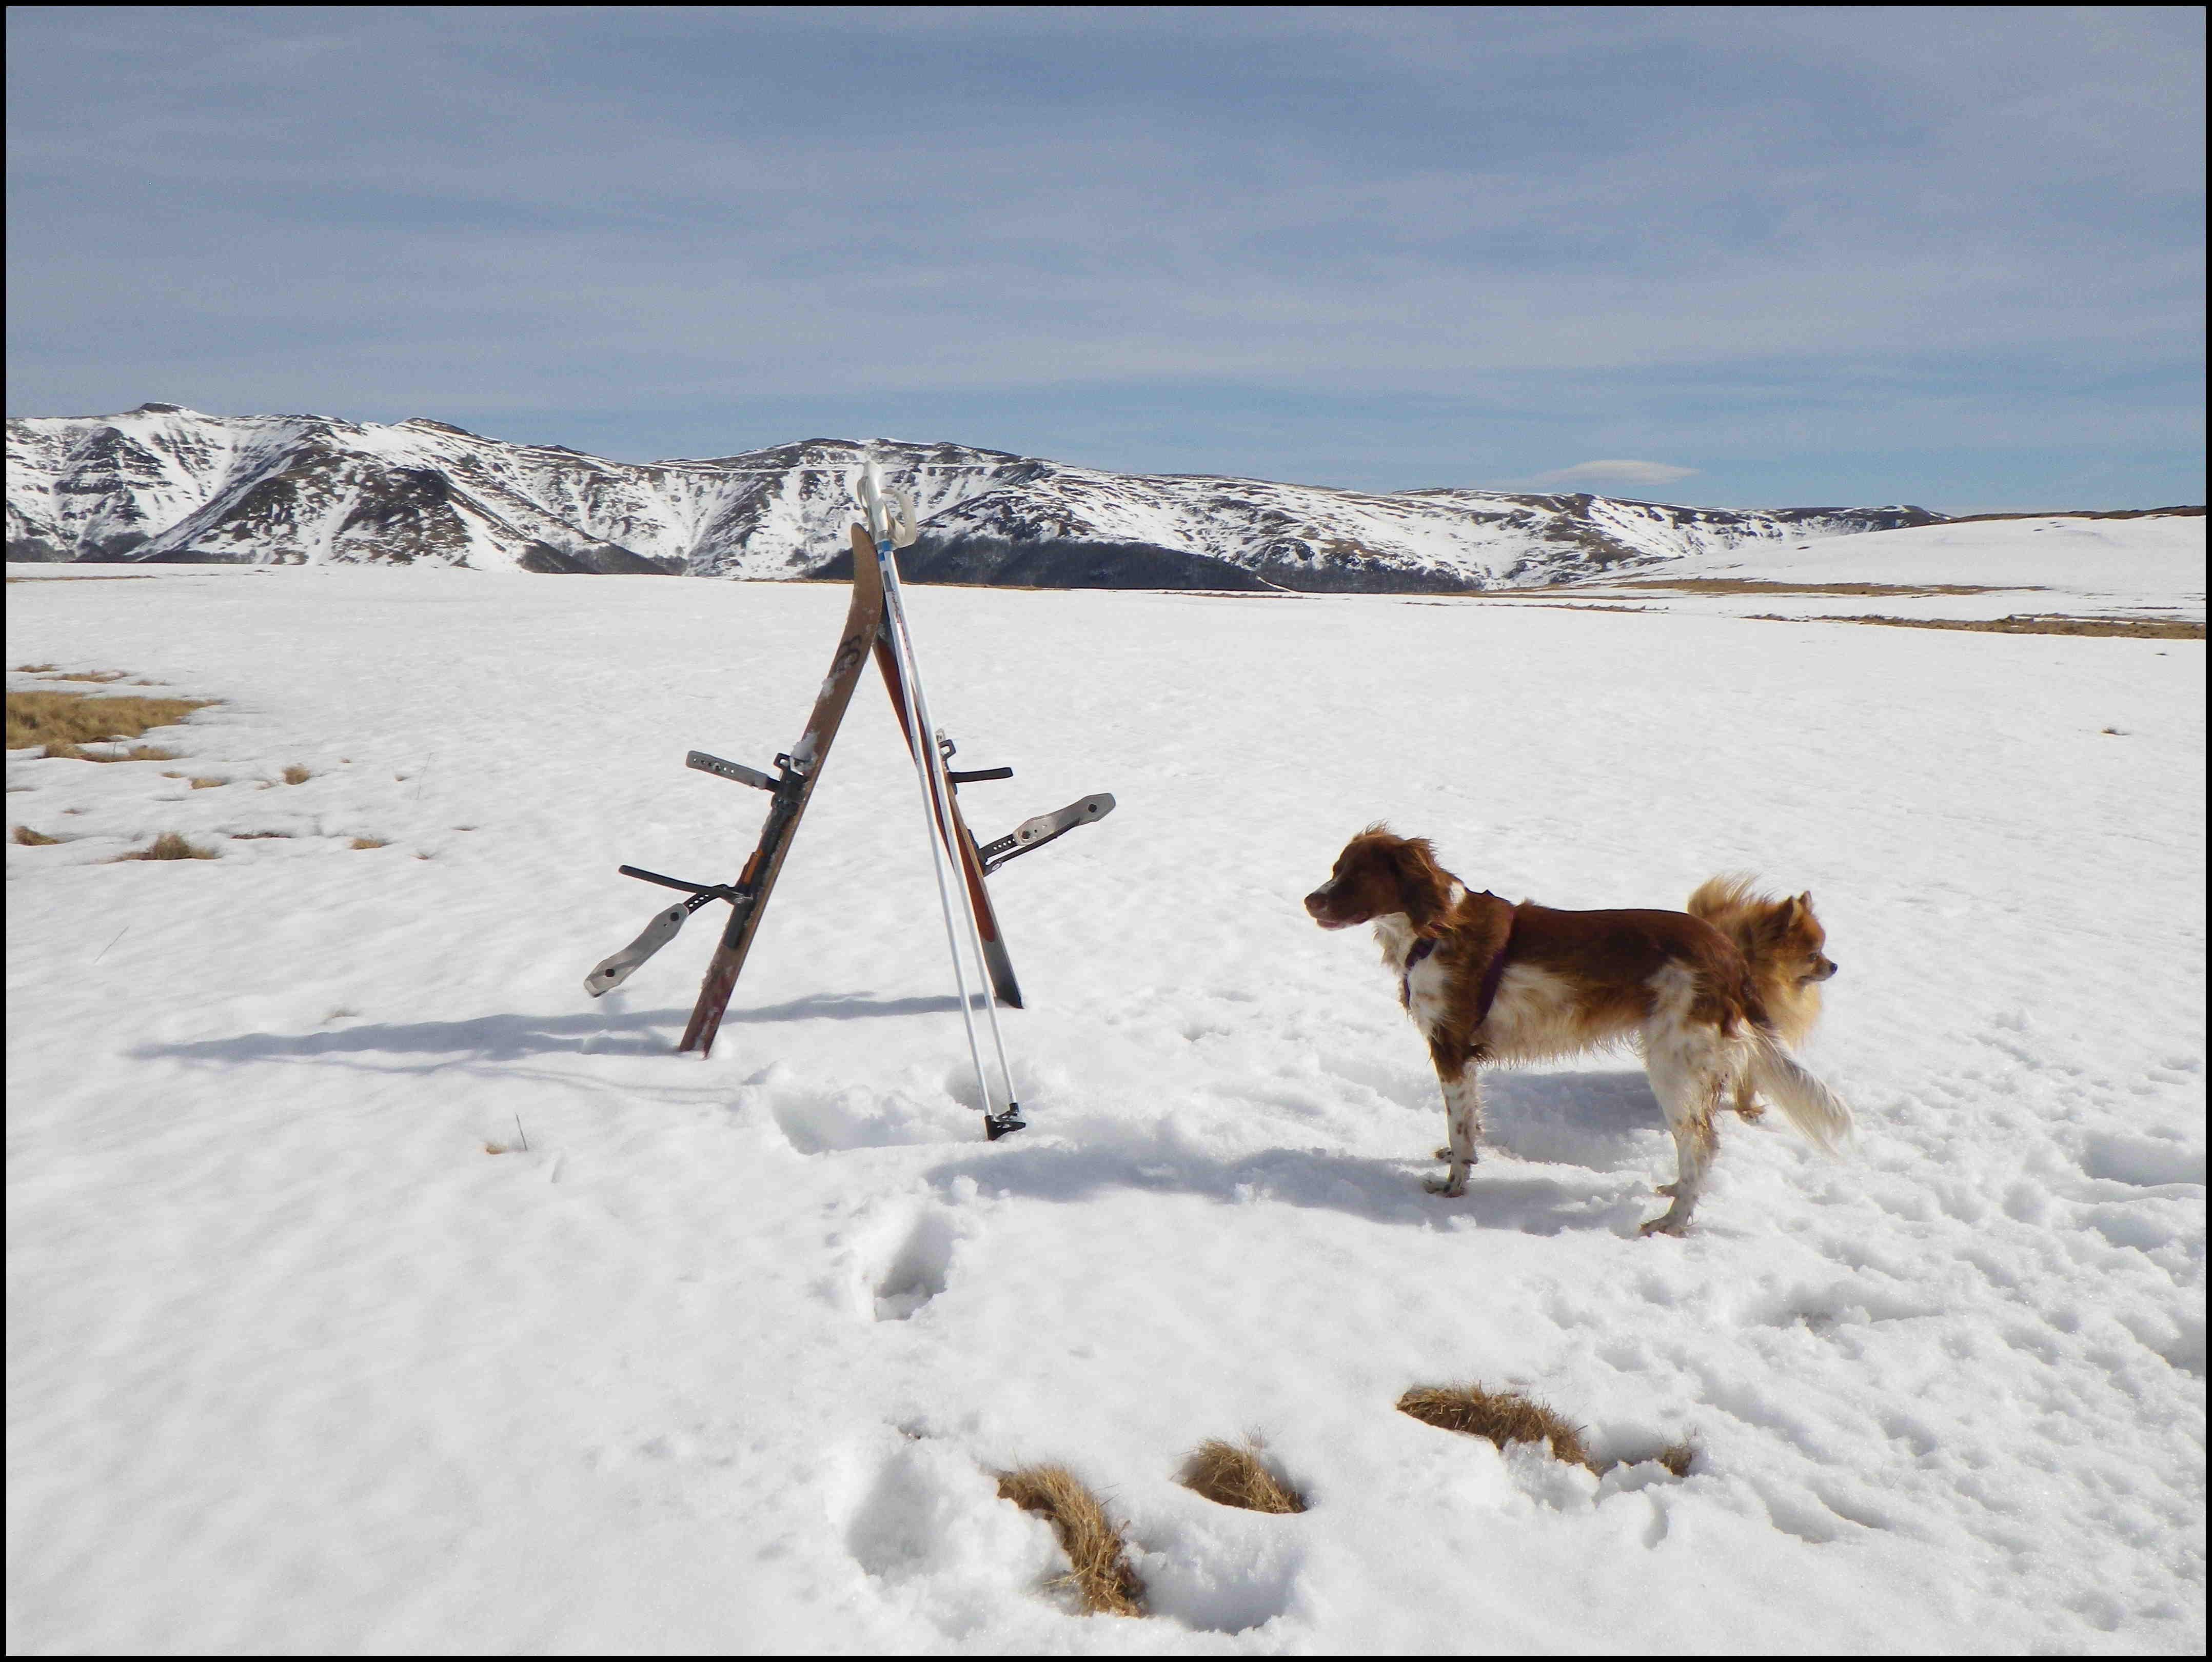 L'art du ski HOK sur la neige de printemps